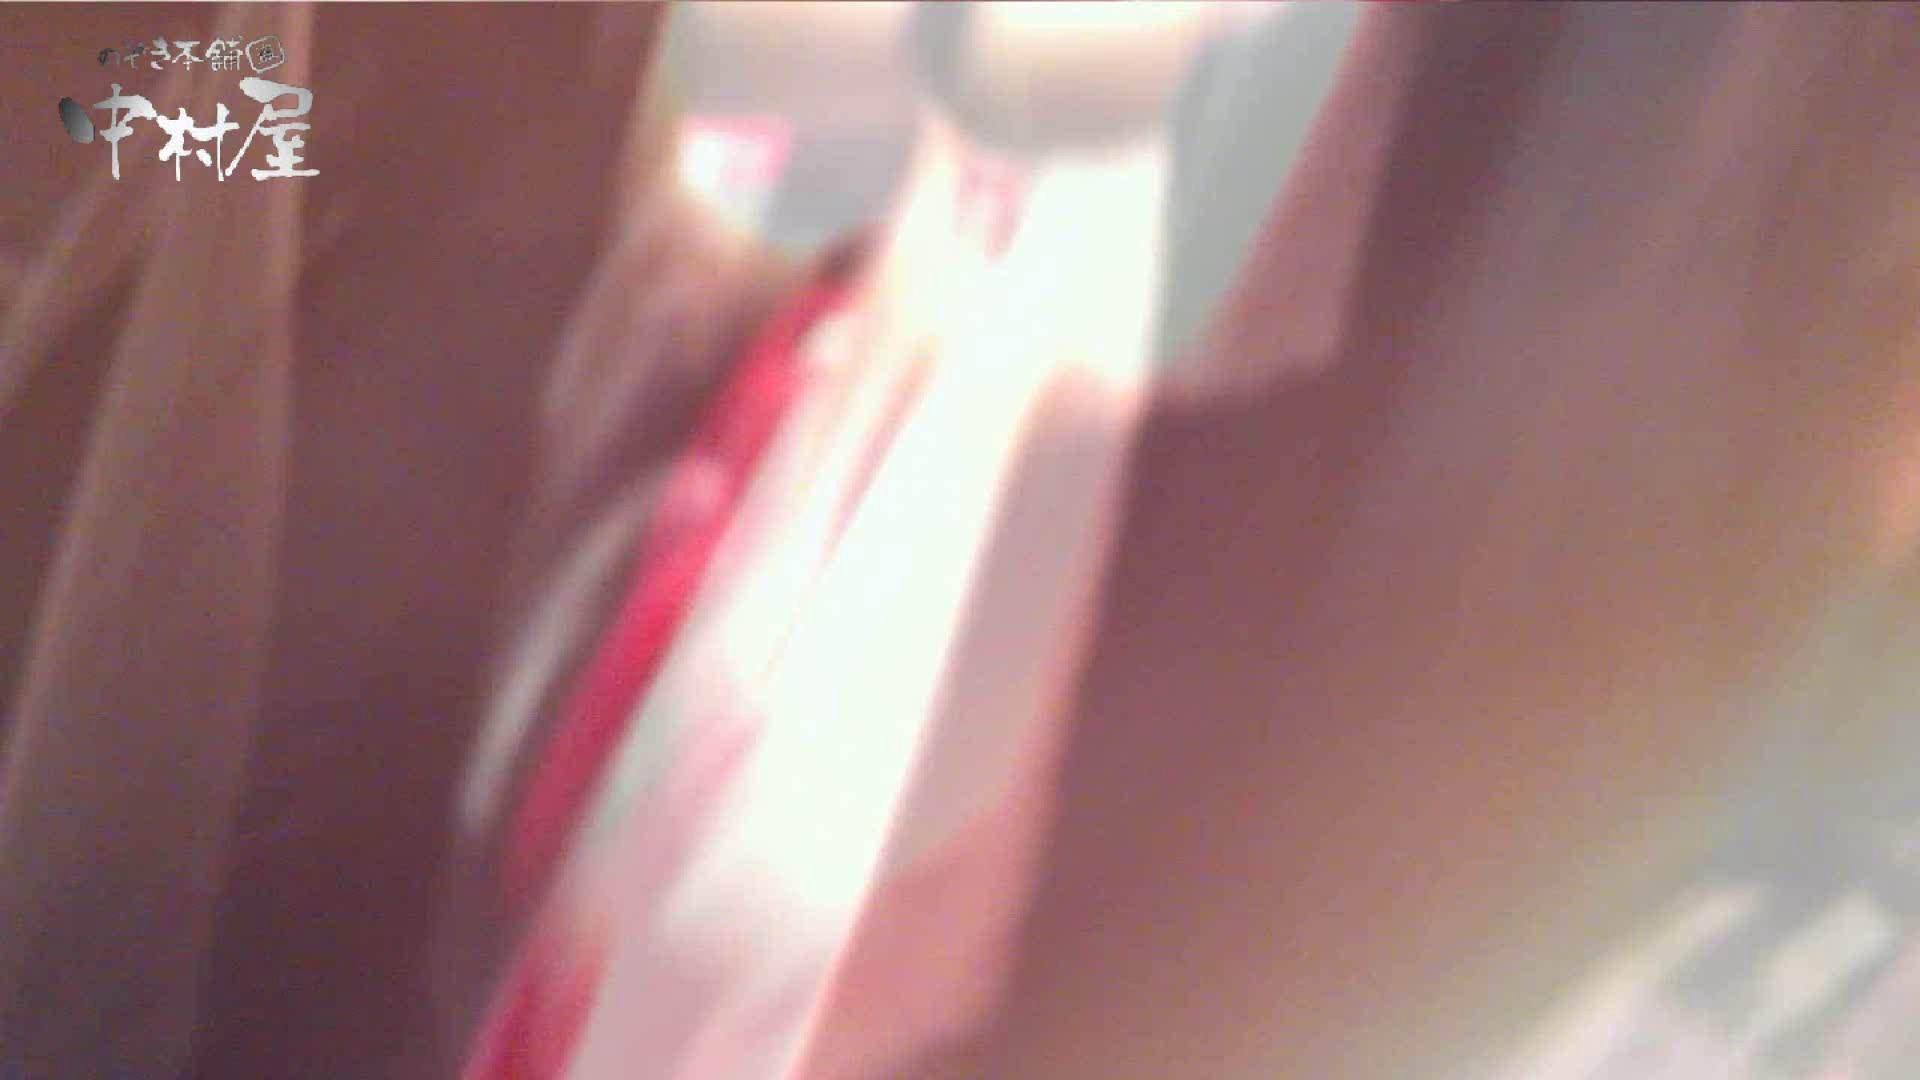 無修正おまんこ動画 vol.47 カリスマ店員胸チラ&パンチラ 黒パン店員さん のぞき本舗 中村屋